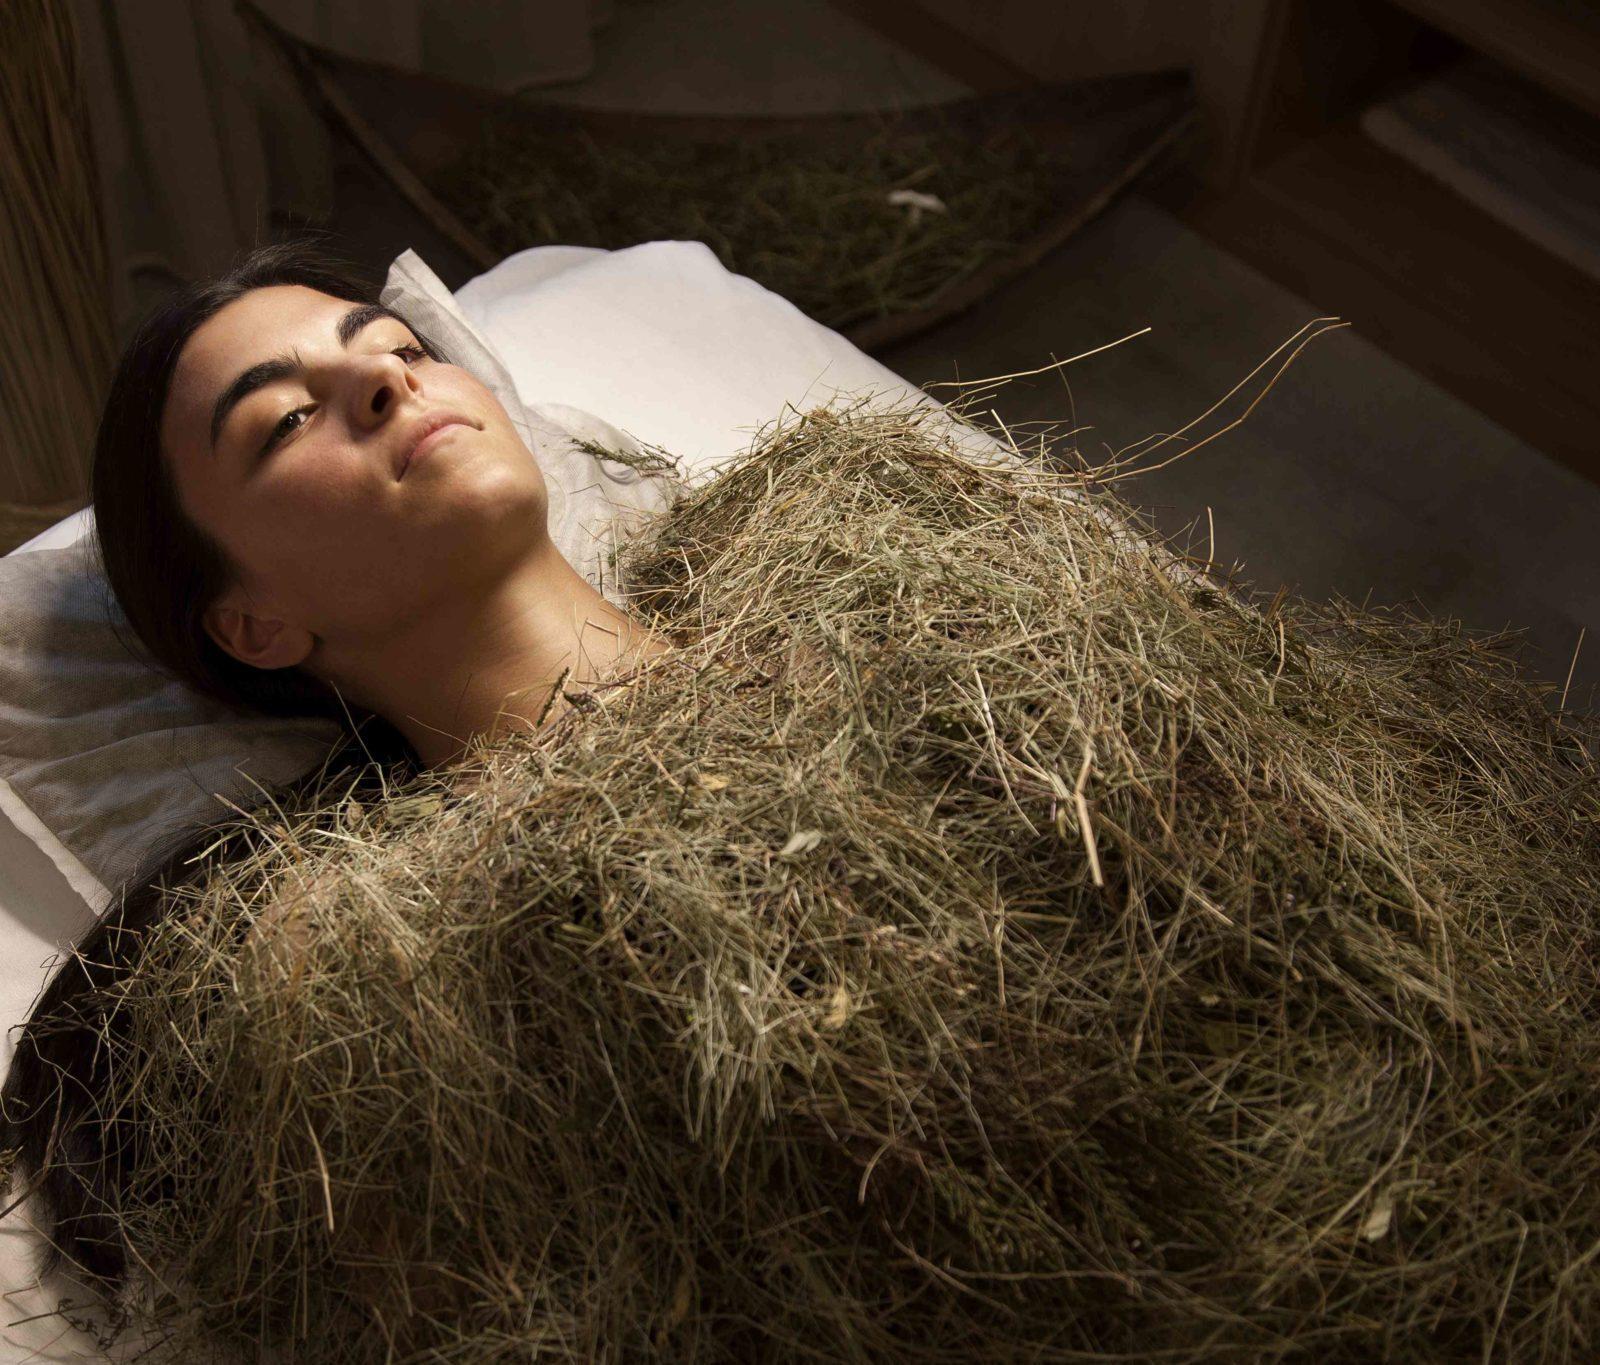 Image for Das Reich der Massagen in Val di Sole, Trentino